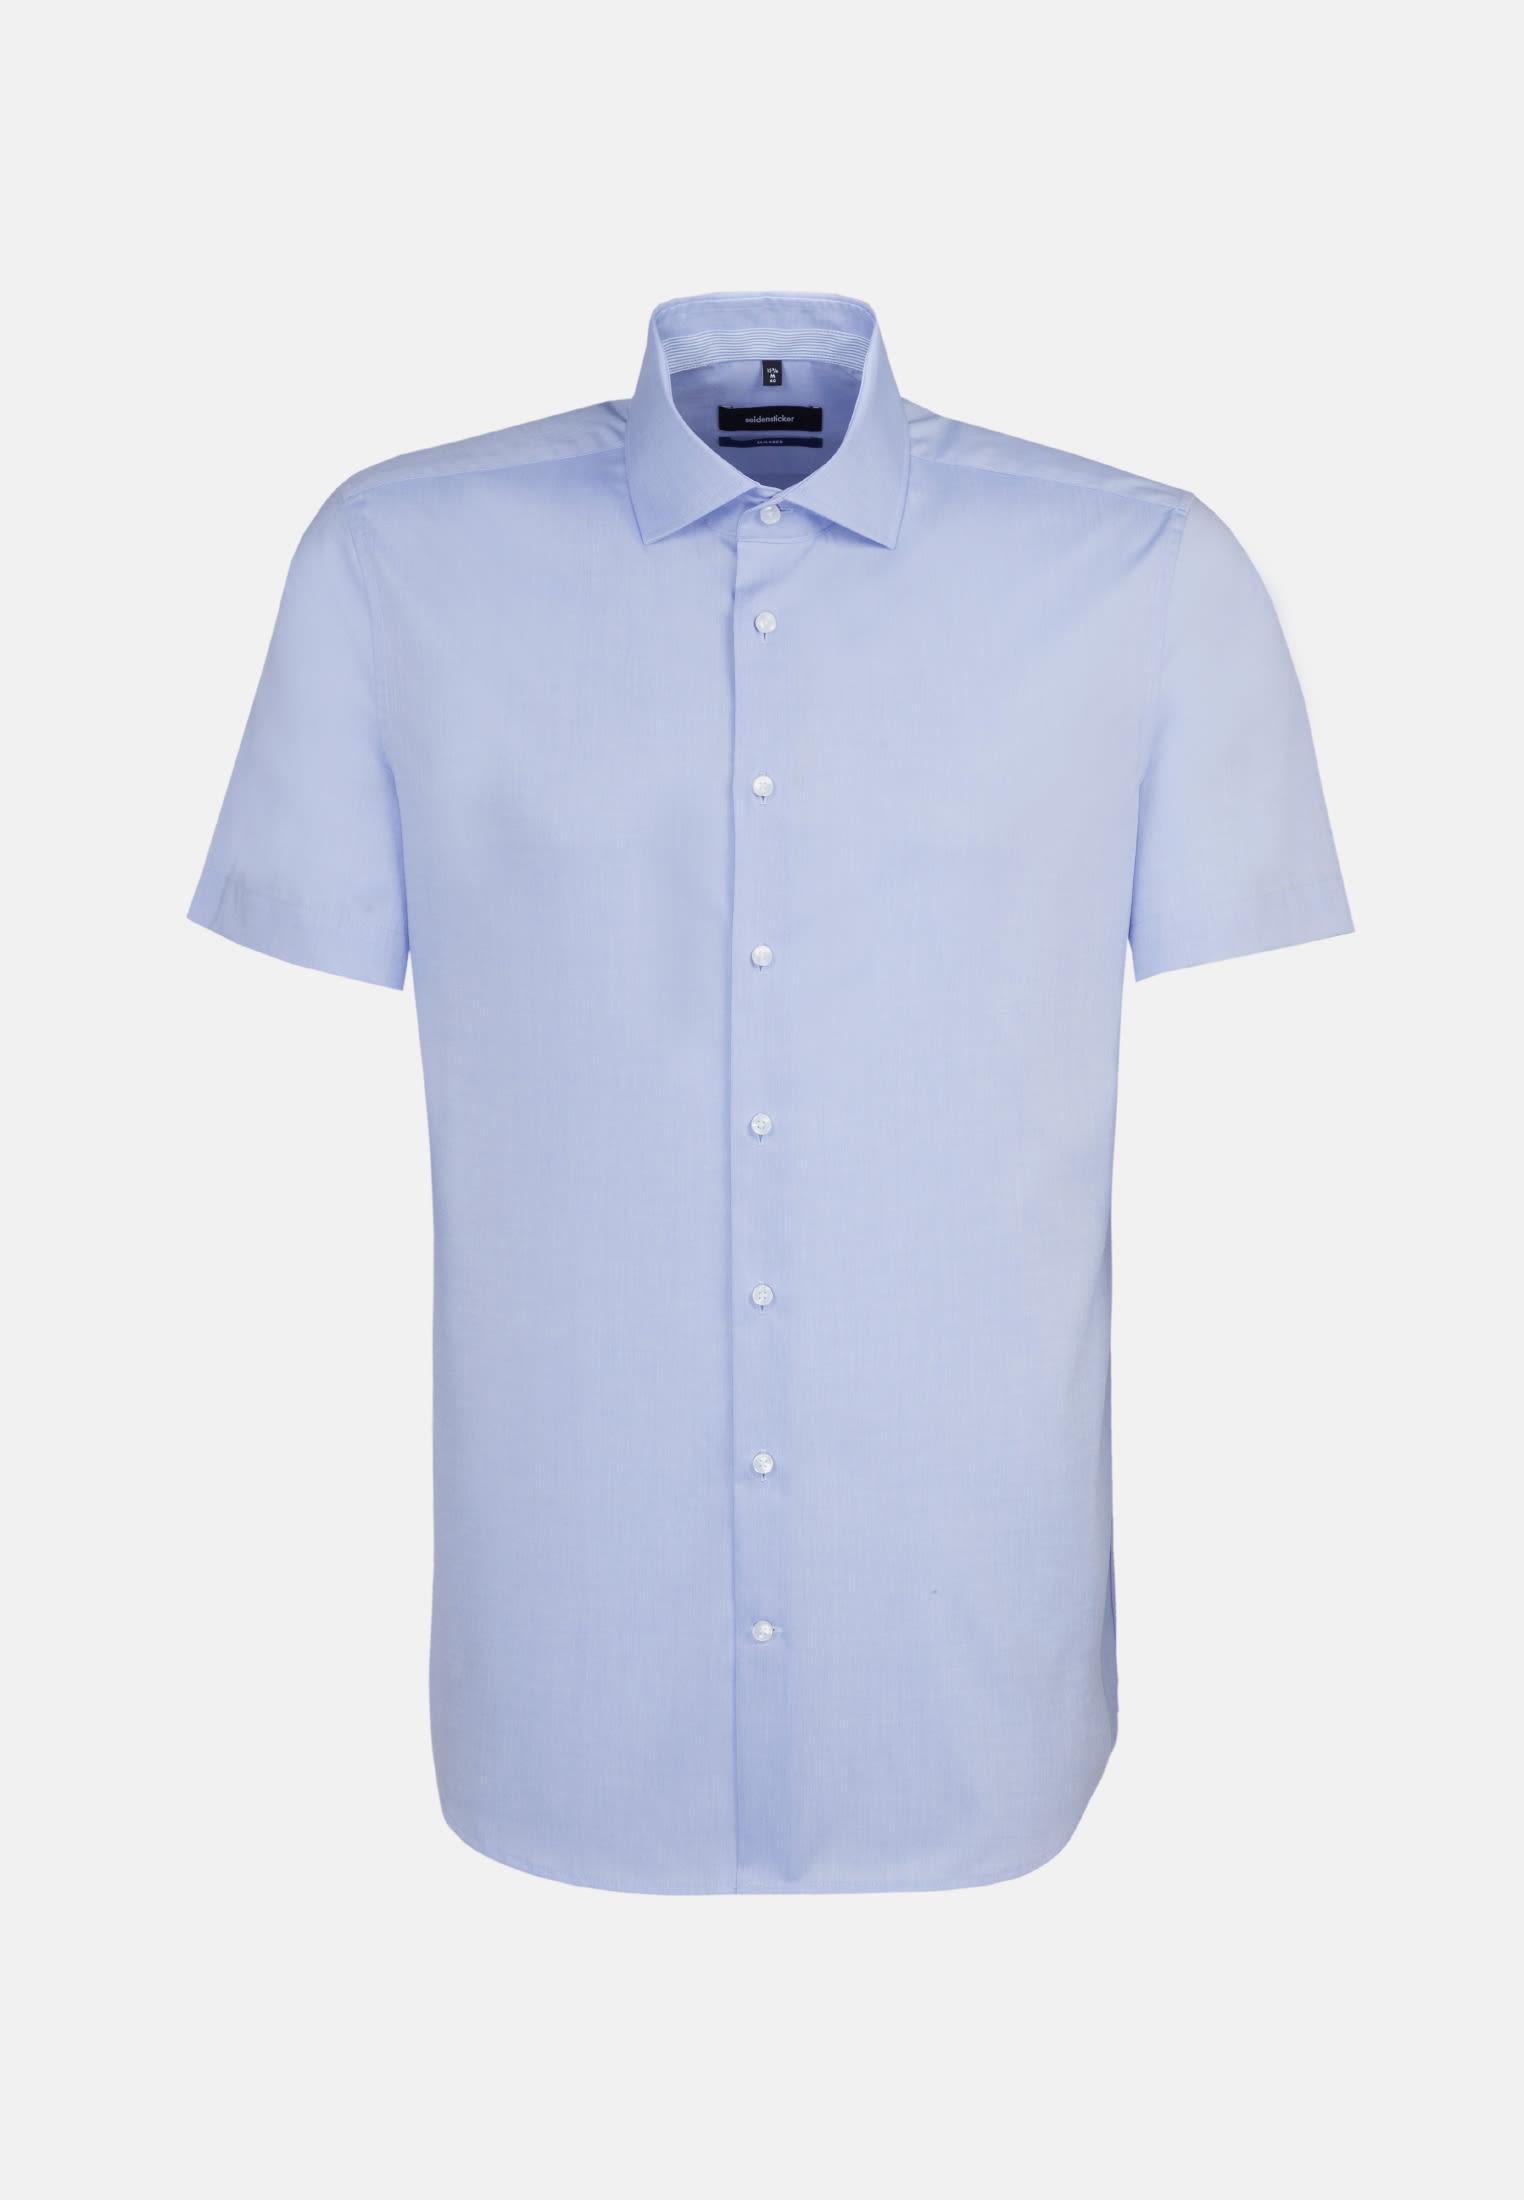 Bügelfreies Chambray Kurzarm Business Hemd in Shaped mit Kentkragen in Hellblau |  Seidensticker Onlineshop